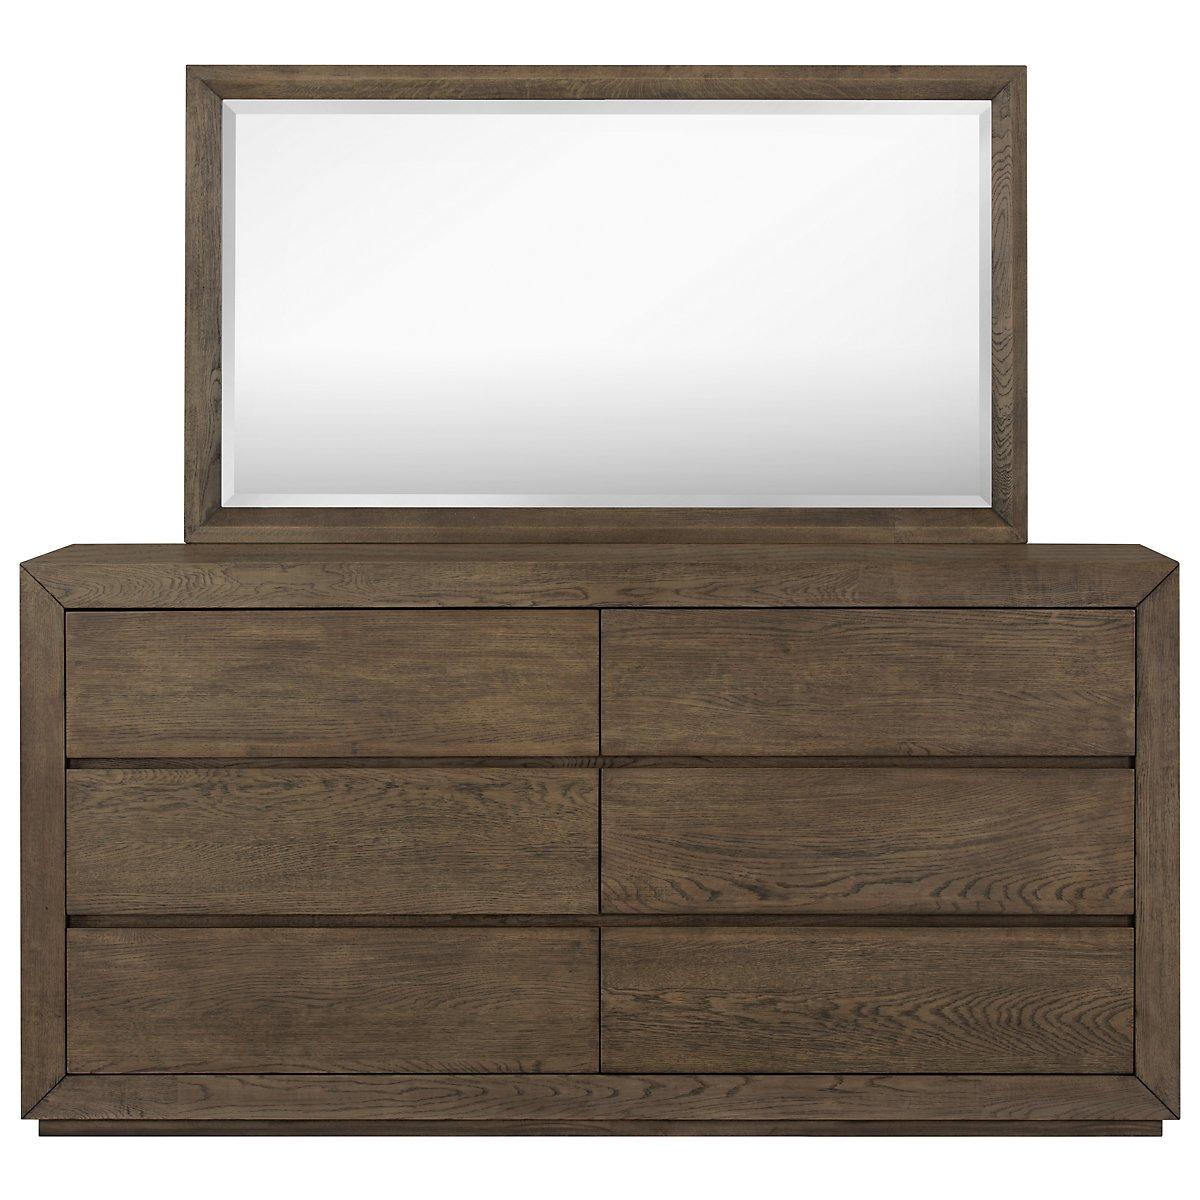 city furniture rylan gray upholstered bedroom - rylan light tone upholstered platform bedroom